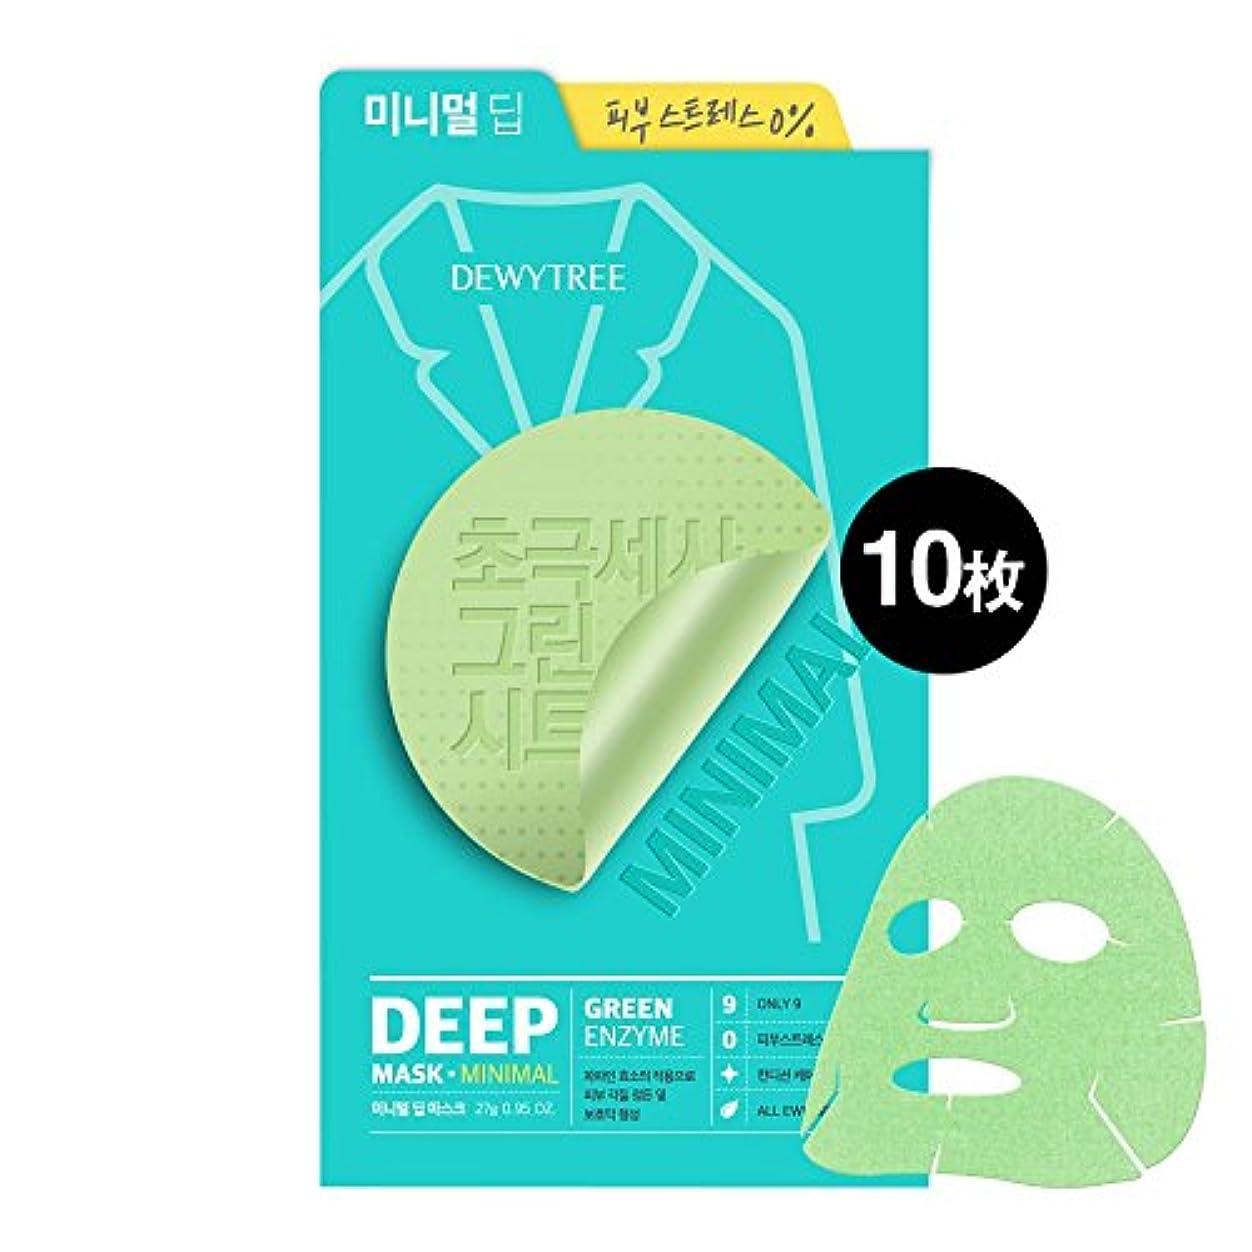 破滅的な代替ジョブ(デューイトゥリー) DEWYTREE ミニマルディープマスク 10枚 Minimal Deep Mask 韓国マスクパック (並行輸入品)